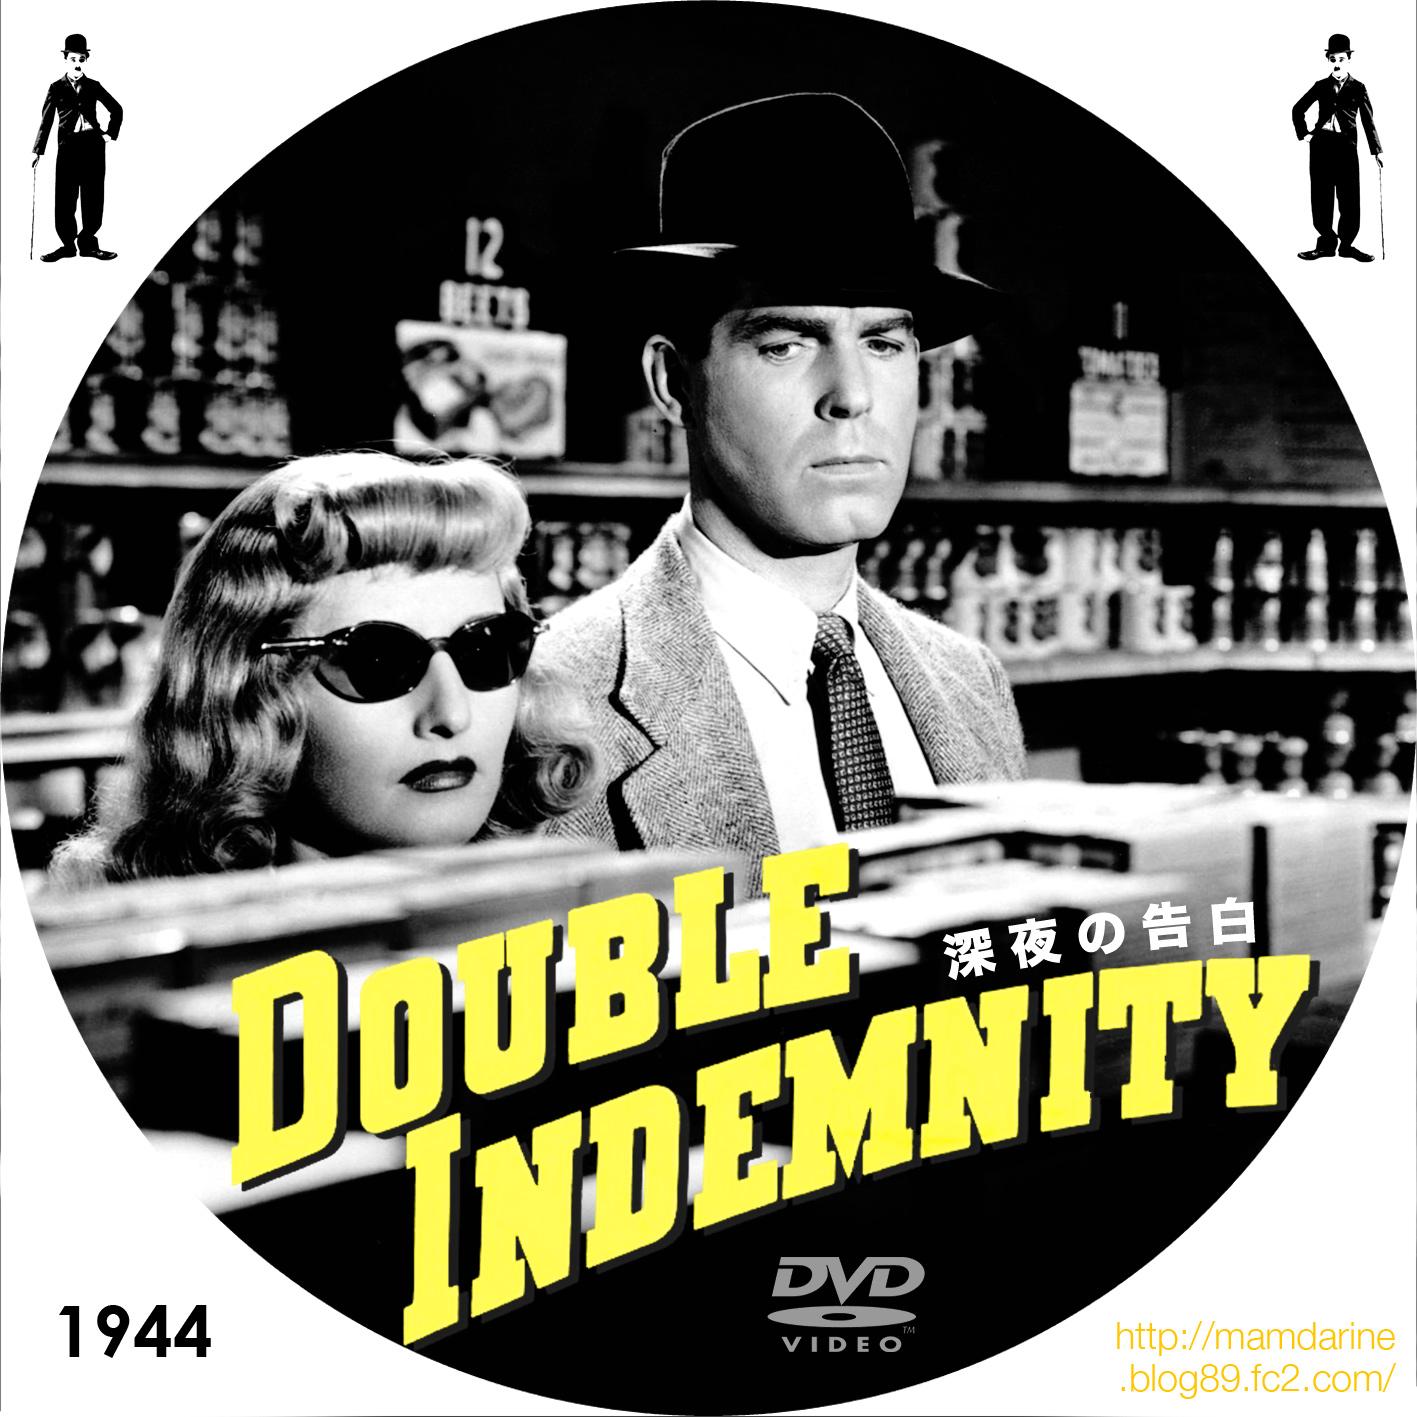 深夜の告白」 Double Indemnity(1944) - 美しき女たち男たち